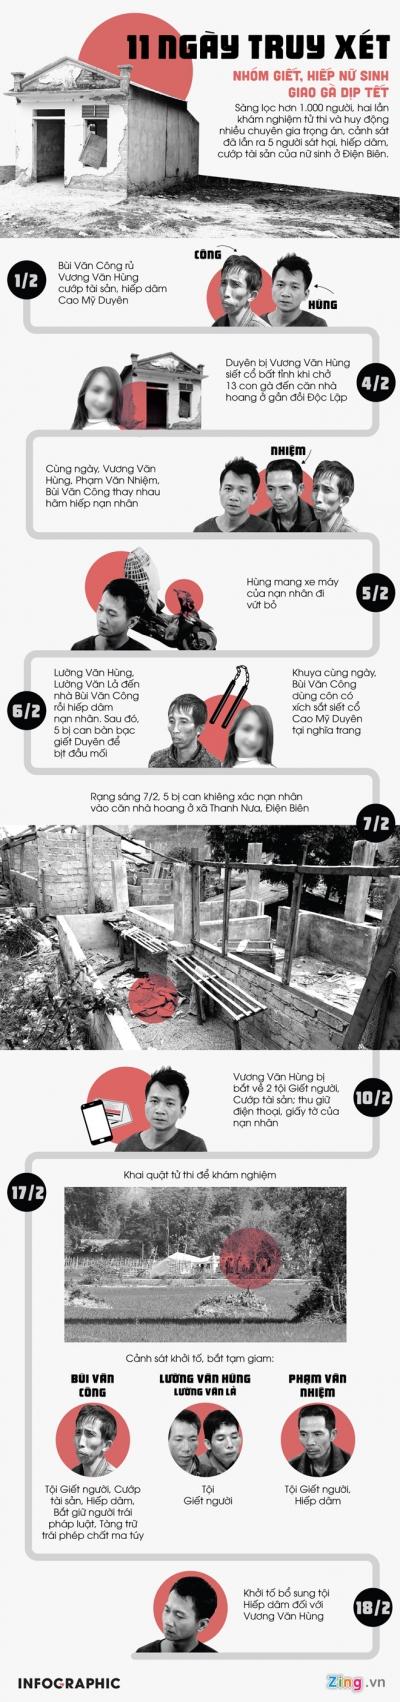 Vụ nữ sinh giao gà: Thủ tướng đề nghị áp dụng hình phạt nghiêm khắc - 1